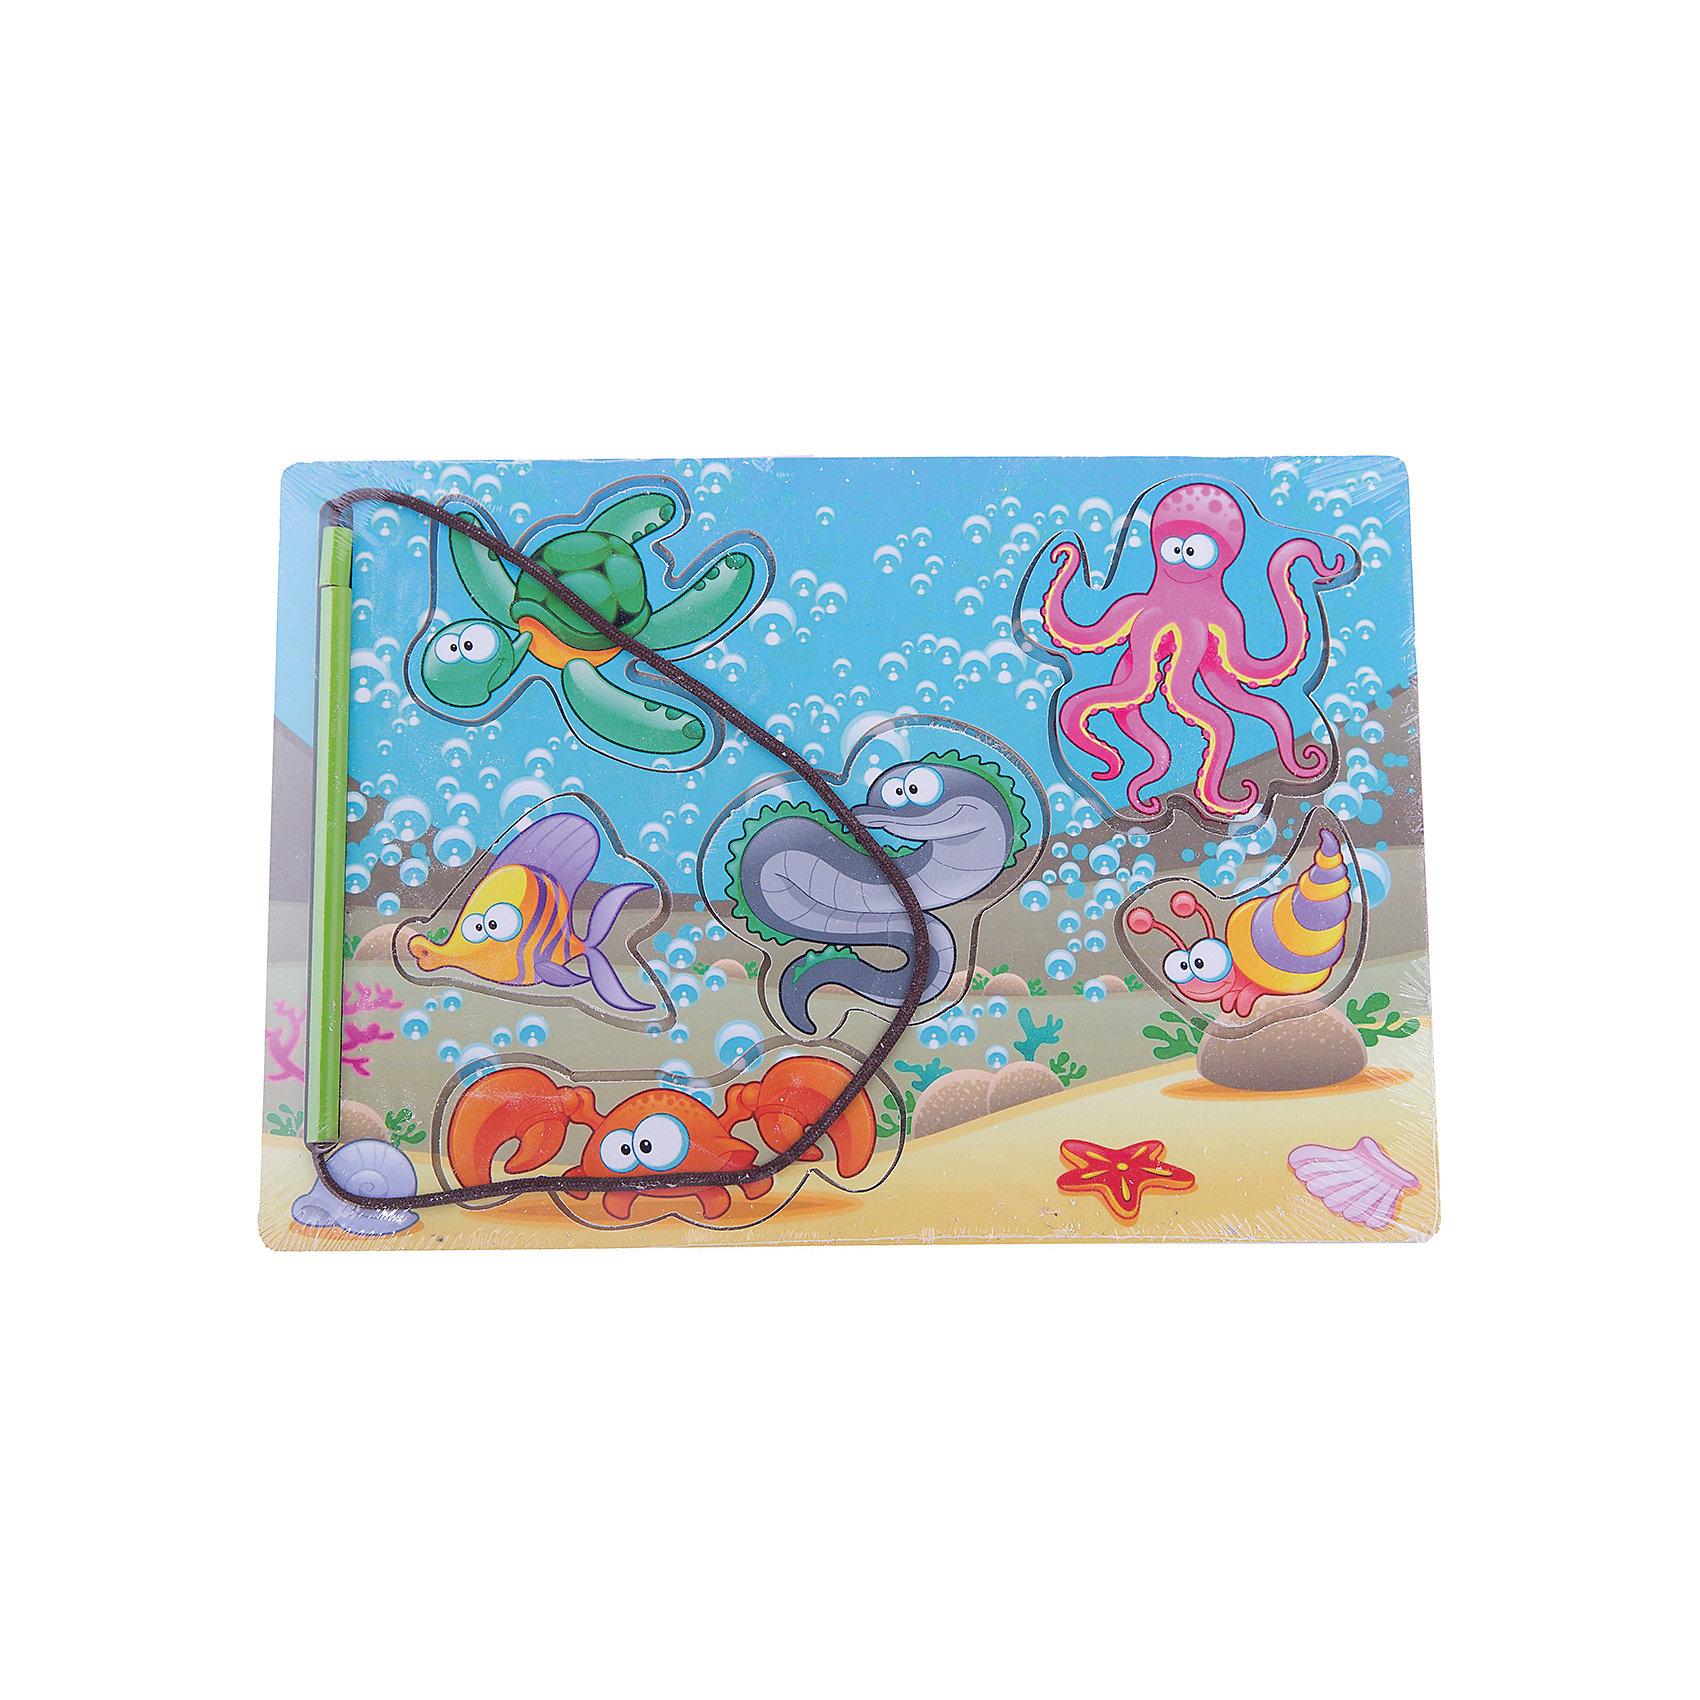 Рамка-вкладка «Магнитная рыбалка 1»Деревянные пазлы<br>Дети каждый день узнают что-то новое. Сделать процесс познавания мира для малышей - просто! Яркая обучающая рамка-вкладка «Магнитная рыбалка 1» поможет ребенку легко запомнить обитателей моры в процессе совмещения соответствующих элементов. Также к игре прилагается магнитная удочка, с помощью которой эти фигурки можно ловить!<br>Эта рамка-вкладка обязательно займет ребенка! Игра с ней помогает детям развивать мелкую моторику, внимательность и познавать мир. Обучающая игрушка сделана из качественных и безопасных для ребенка материалов - натурального дерева.<br><br>Дополнительная информация:<br><br>цвет: разноцветный;<br>размер:  28 х 19.5 х 0.8 см;<br>вес: 260 г;<br>элементов: 6;<br>материал: дерево.<br><br>Рамку-вкладку «Магнитная рыбалка 1» можно купить в нашем магазине.<br><br>Ширина мм: 280<br>Глубина мм: 7<br>Высота мм: 195<br>Вес г: 260<br>Возраст от месяцев: 36<br>Возраст до месяцев: 2147483647<br>Пол: Унисекс<br>Возраст: Детский<br>SKU: 4916395